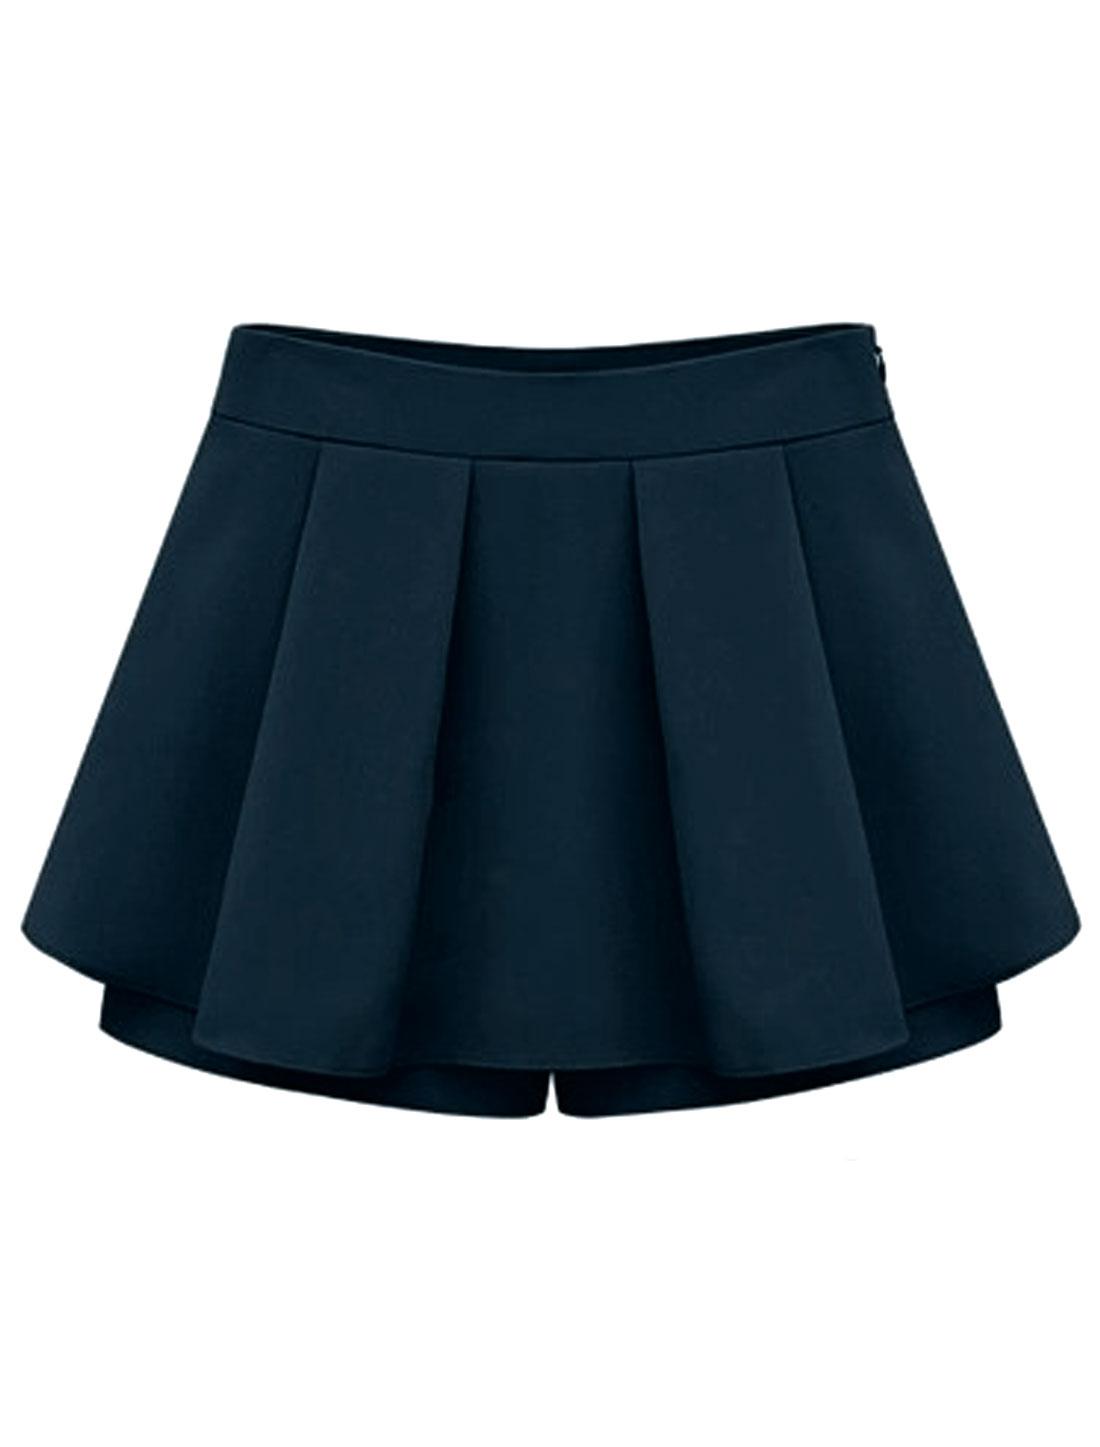 Women Hidden Zipper Side Ruched Front Casual Skorts Navy Blue XL